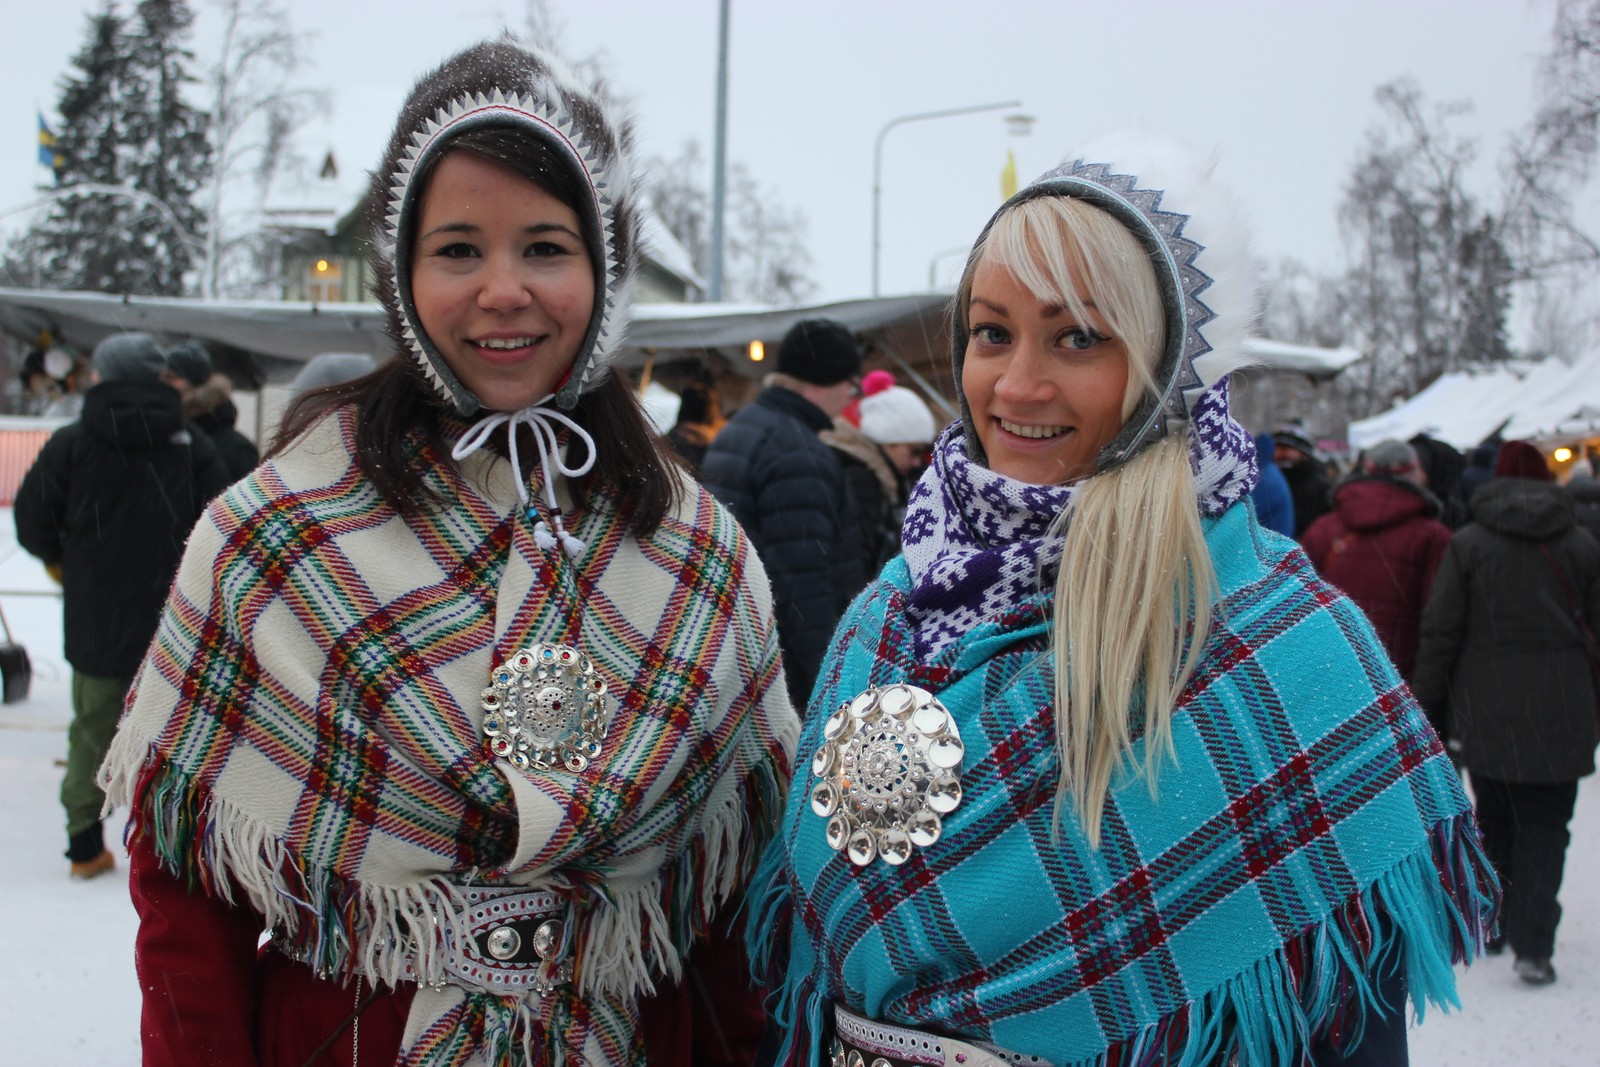 Lájlá Helene Eira og Kristin Holm Balto i Jokkmokk før de haster videre til neste arrangement.